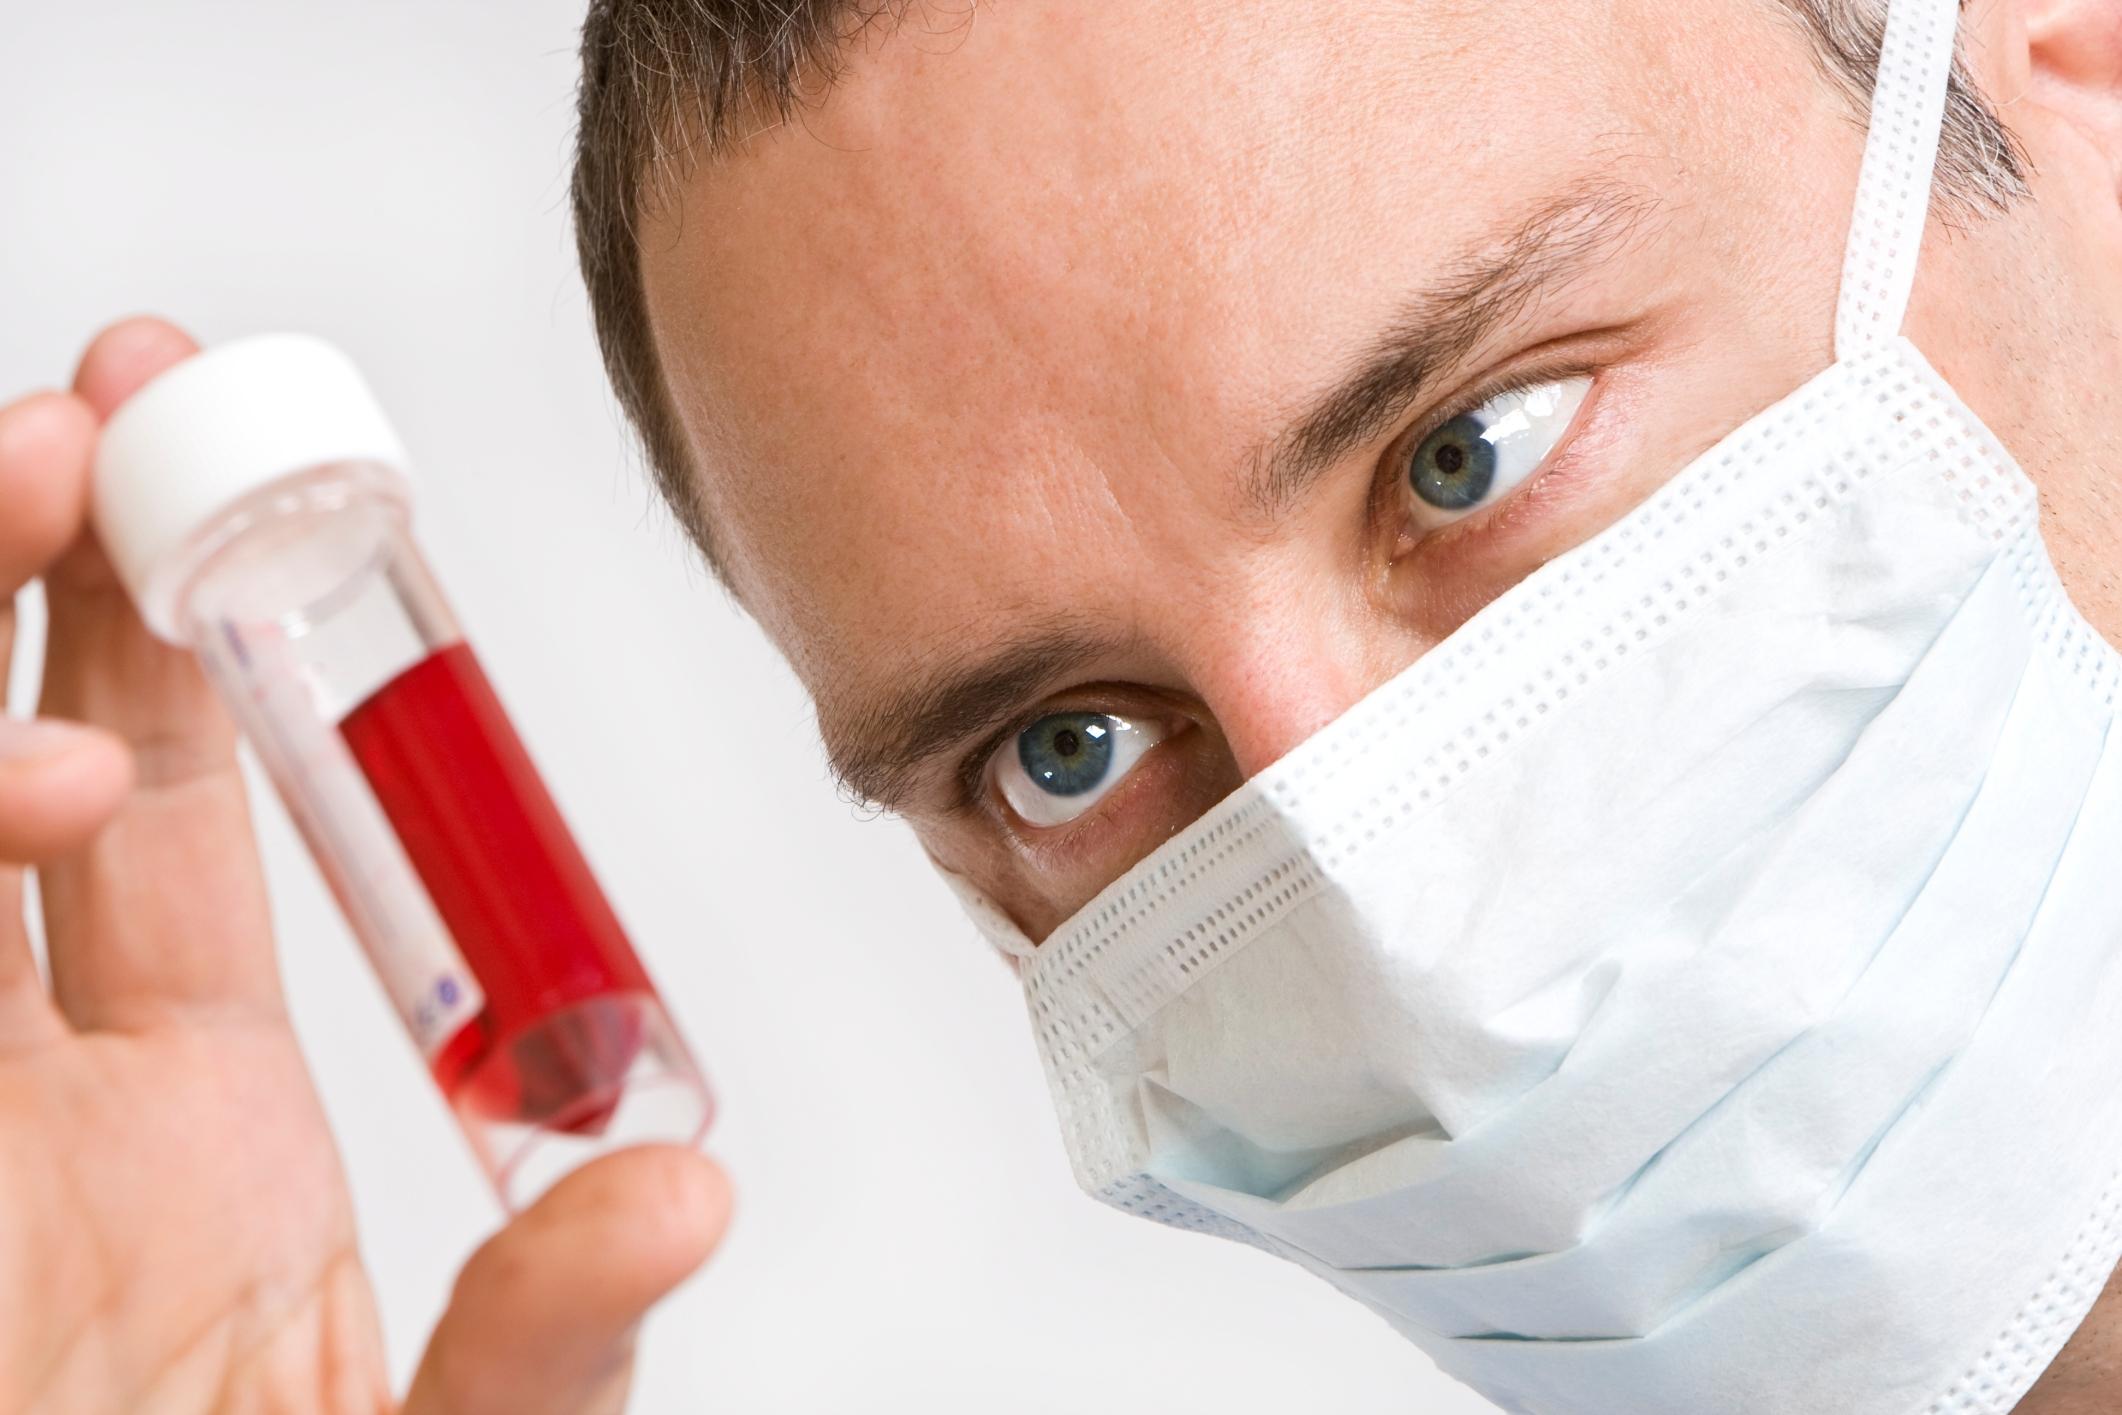 Neu анализ крови: характеристика и расшифровка анализа